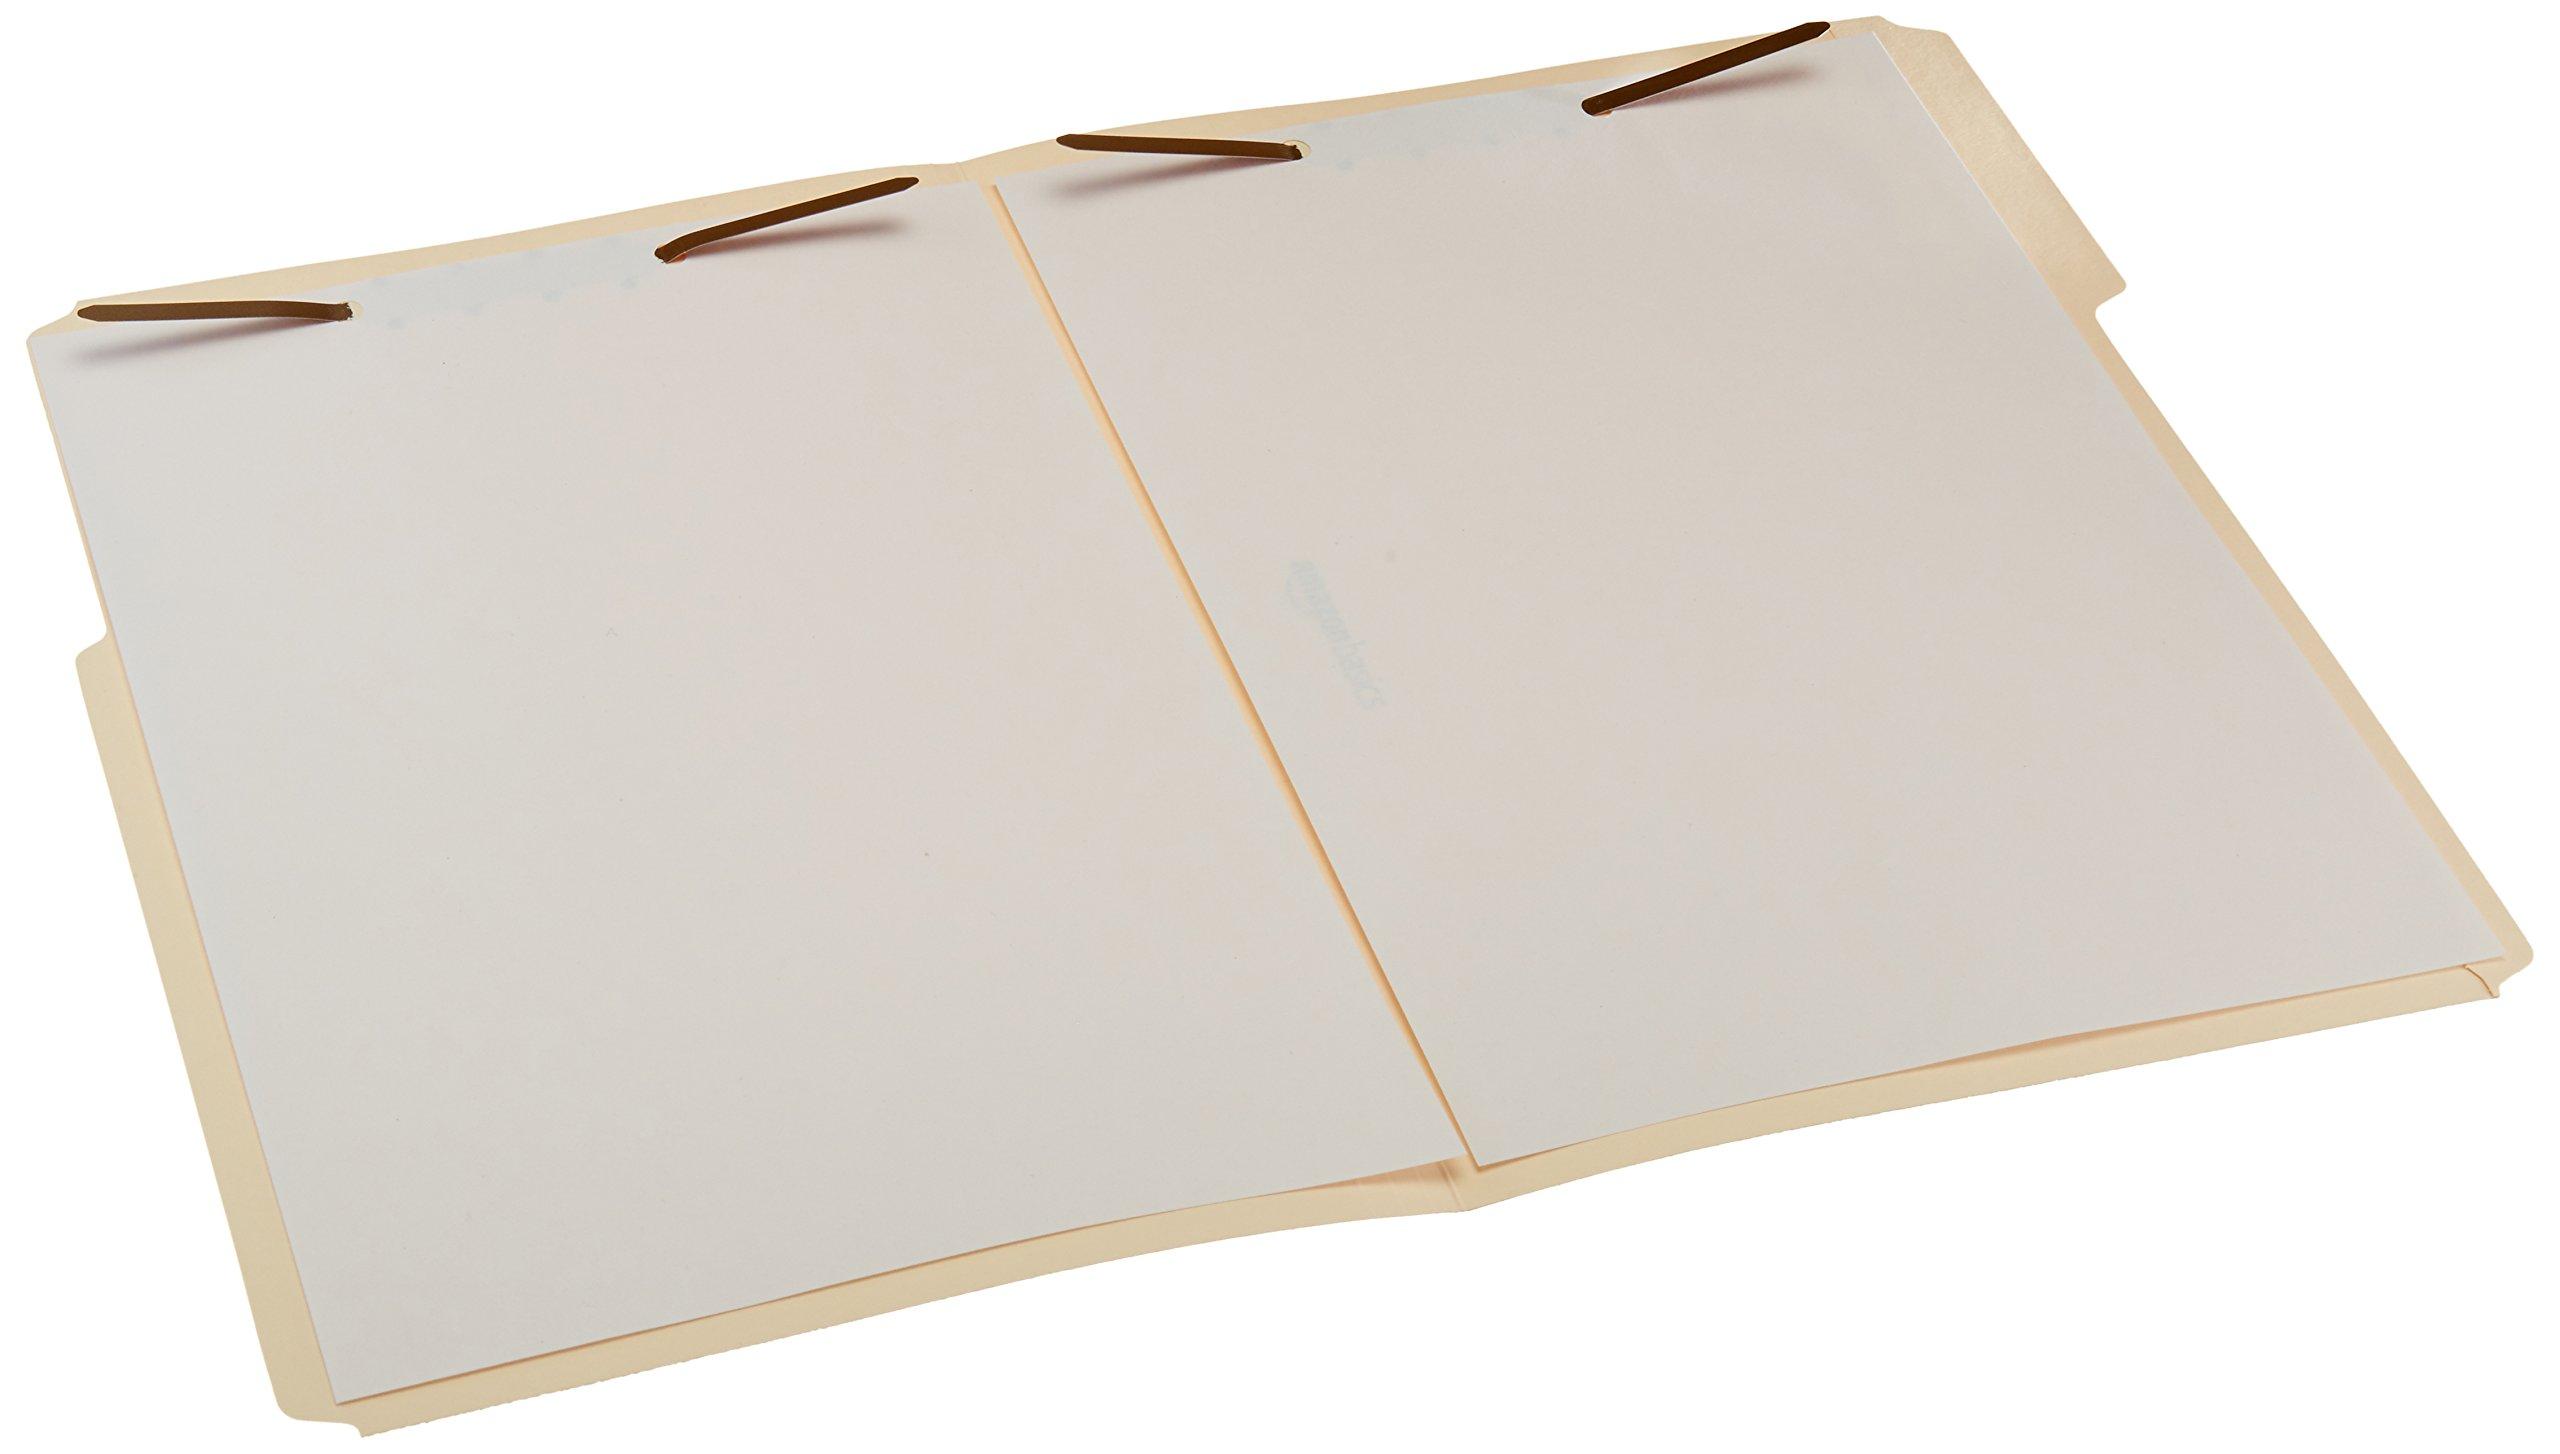 AmazonBasics Manila File Folders with Fasteners - Letter Size, 100-Pack by AmazonBasics (Image #1)